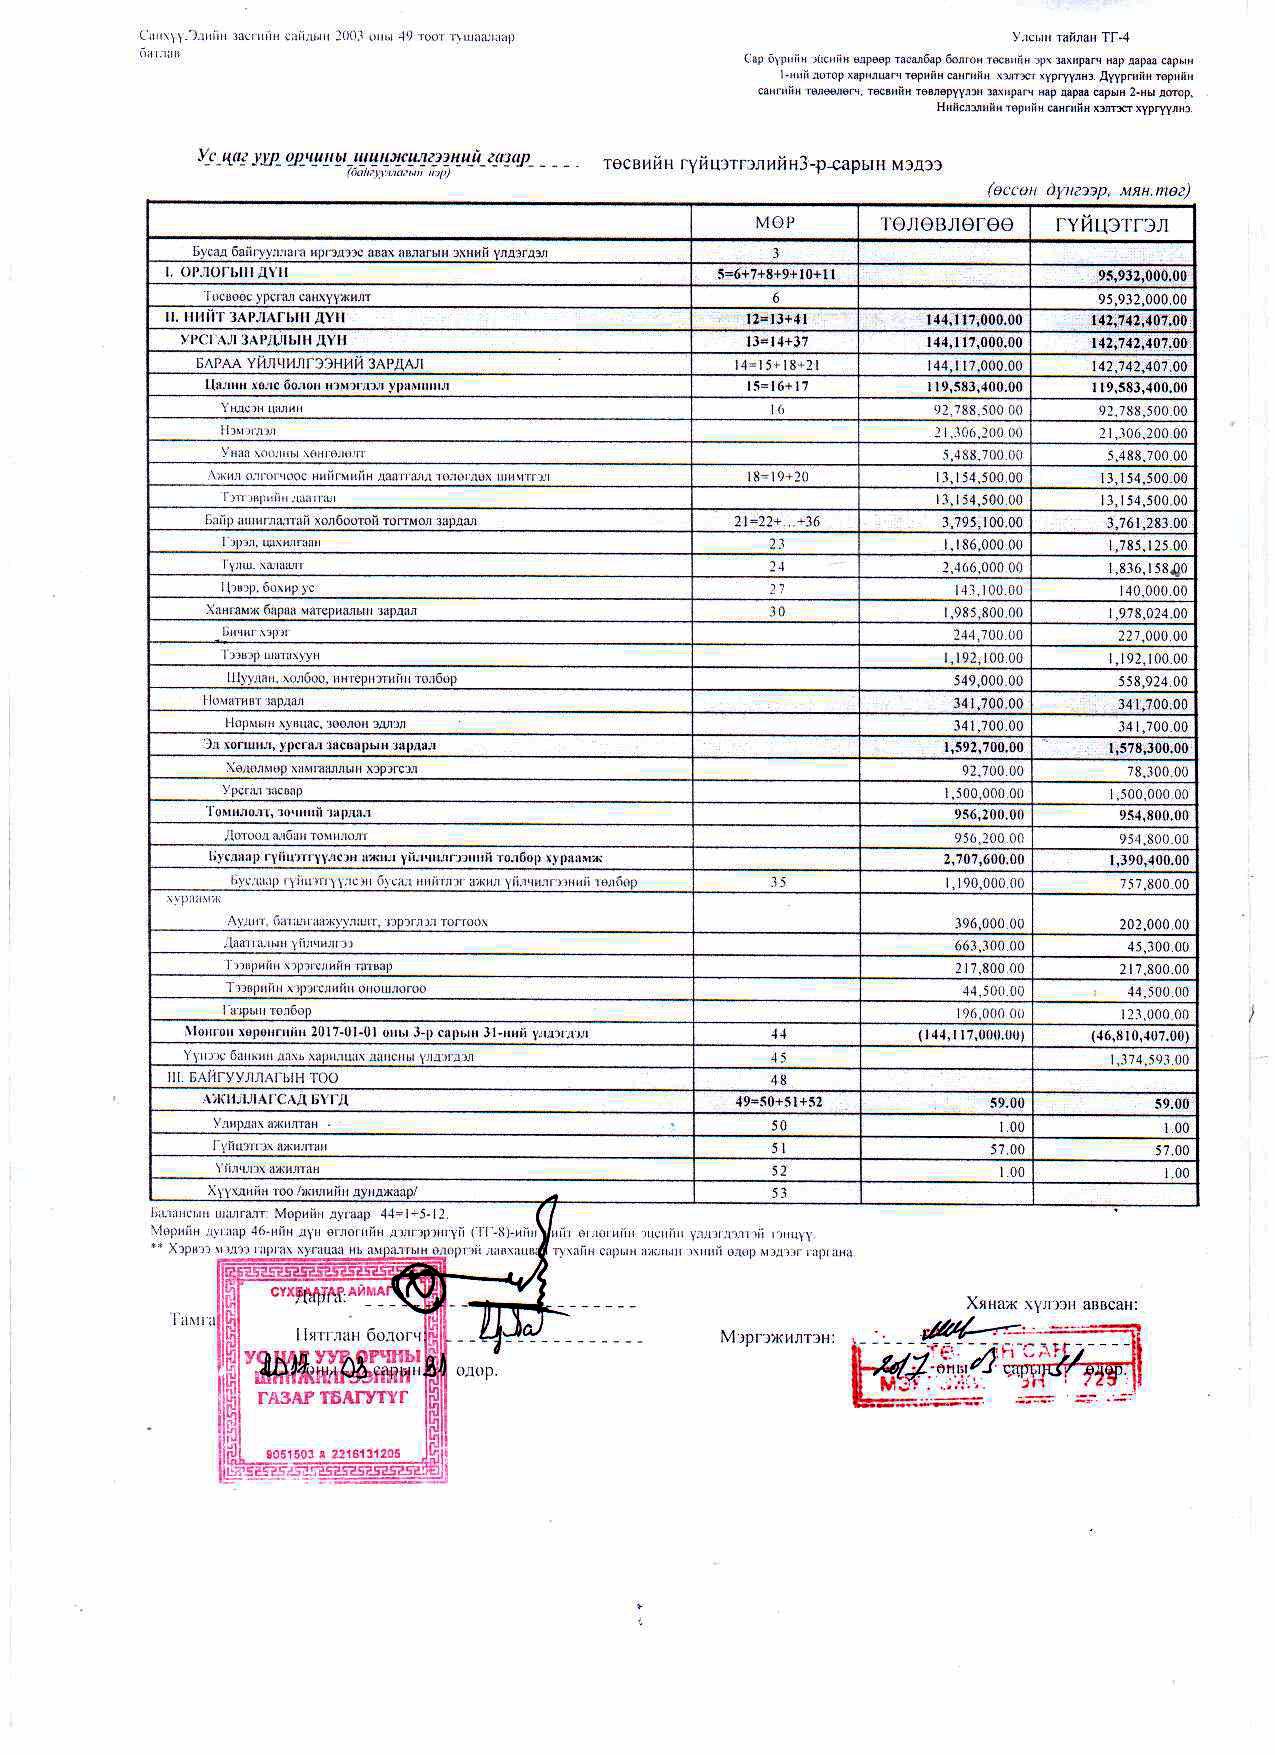 Sukhbaatar aimag  3 sarin medee